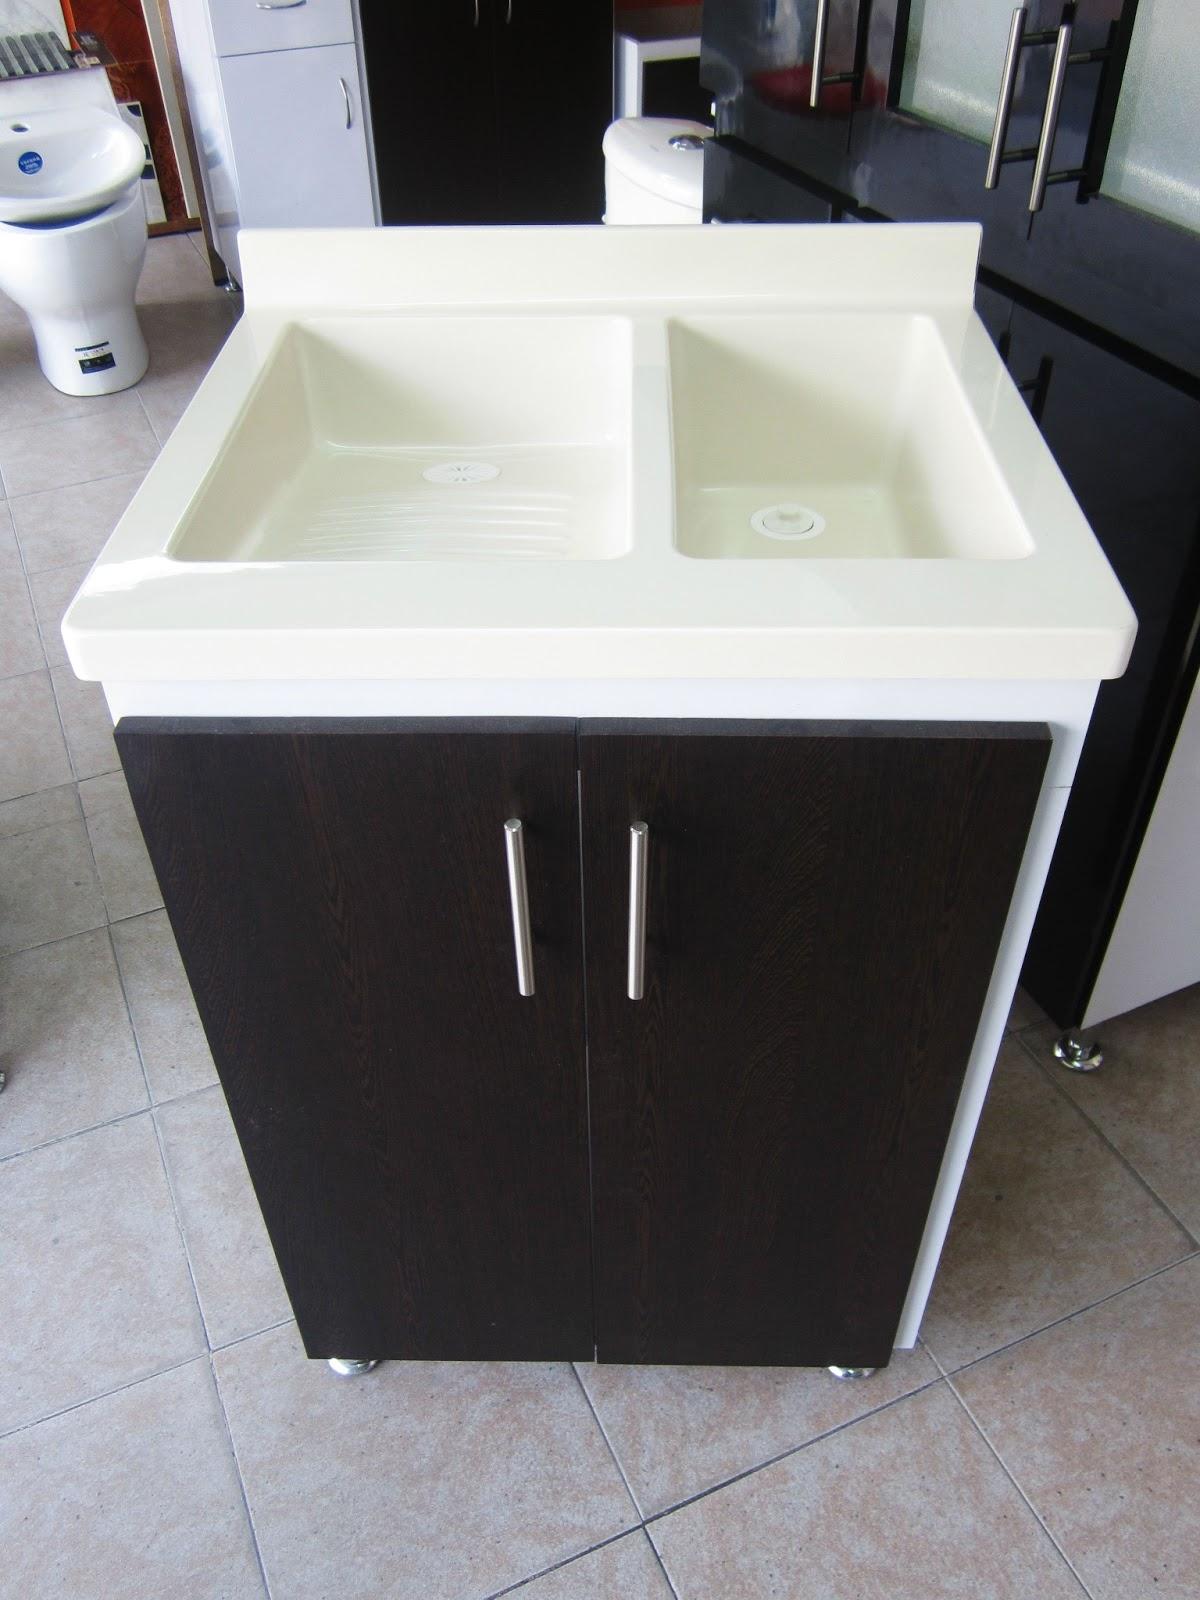 Muebles para ba o y cocina en policuarzo y fibra de vidrio for Lavadero de cocina con mueble